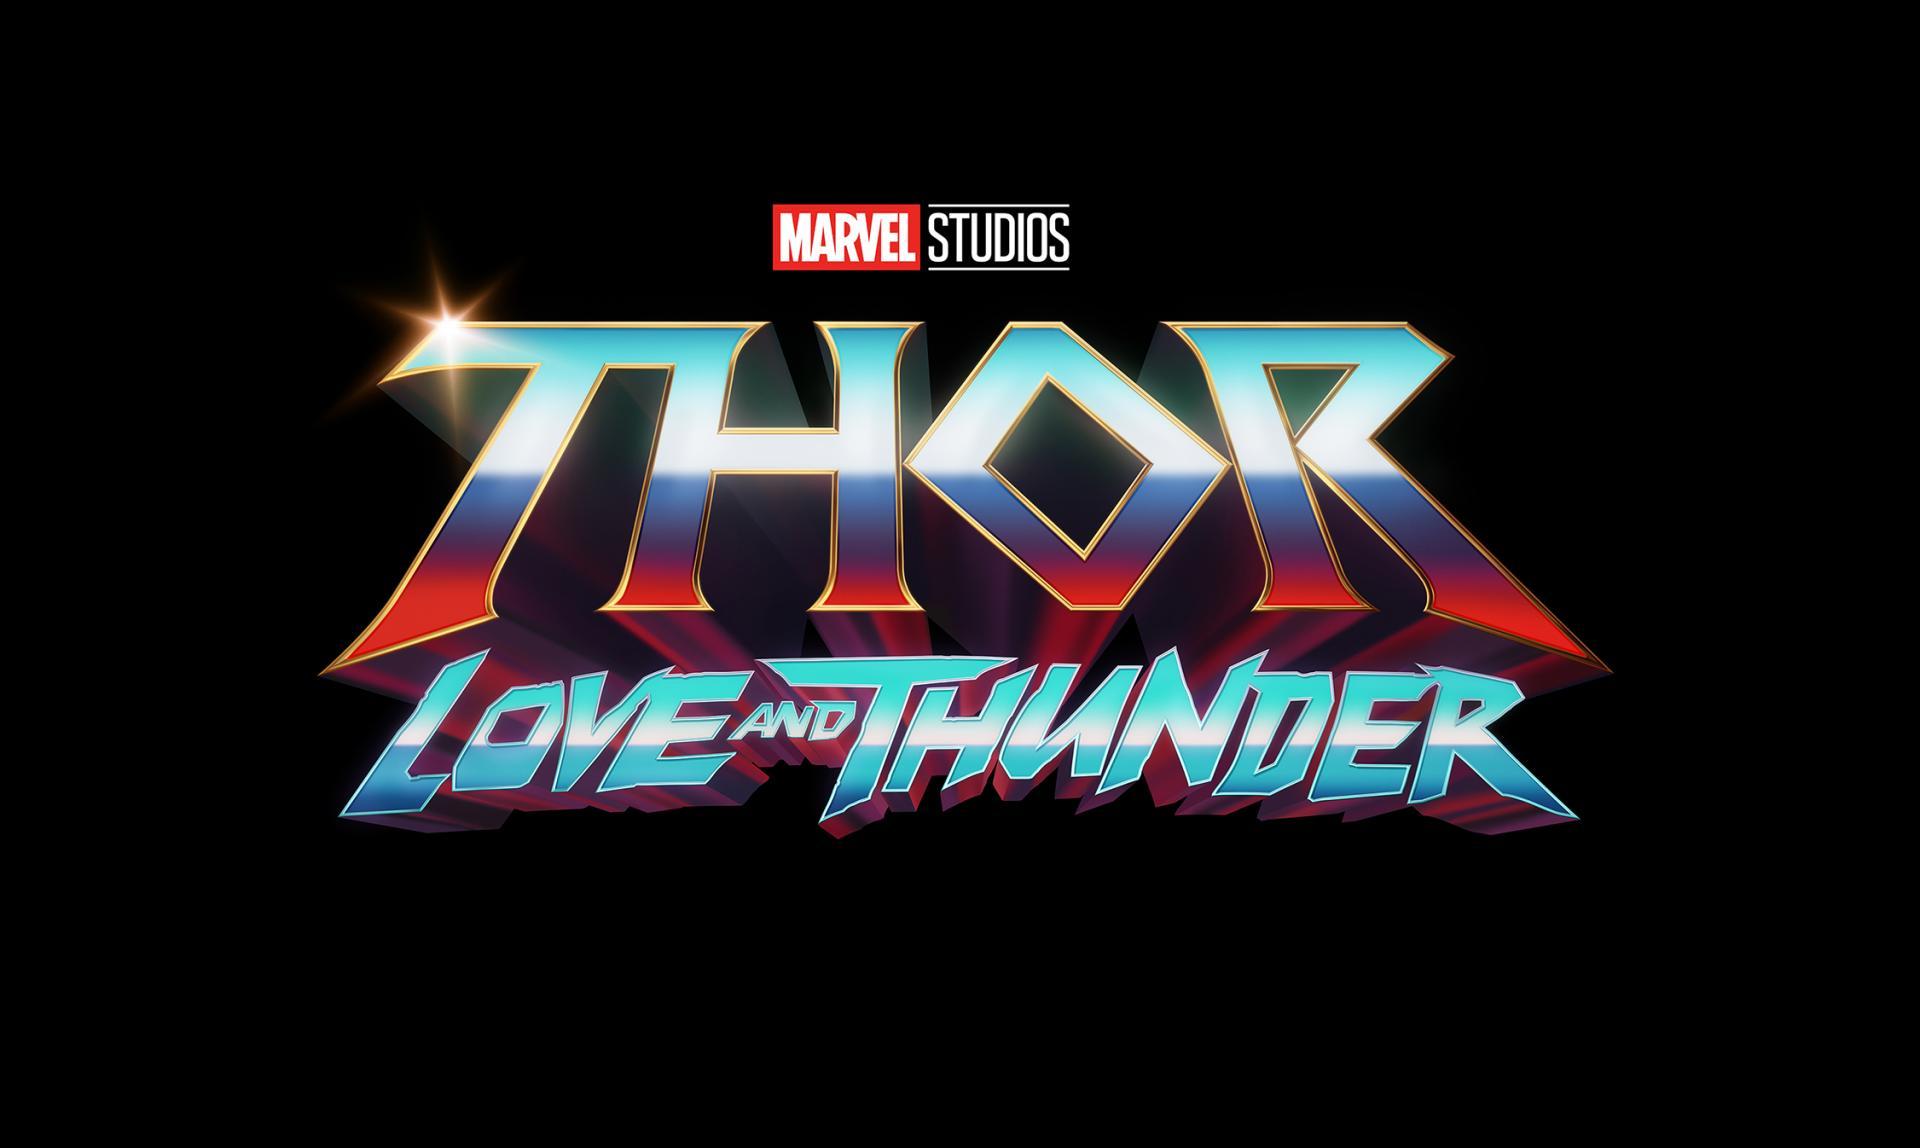 Thorloveandthunder title